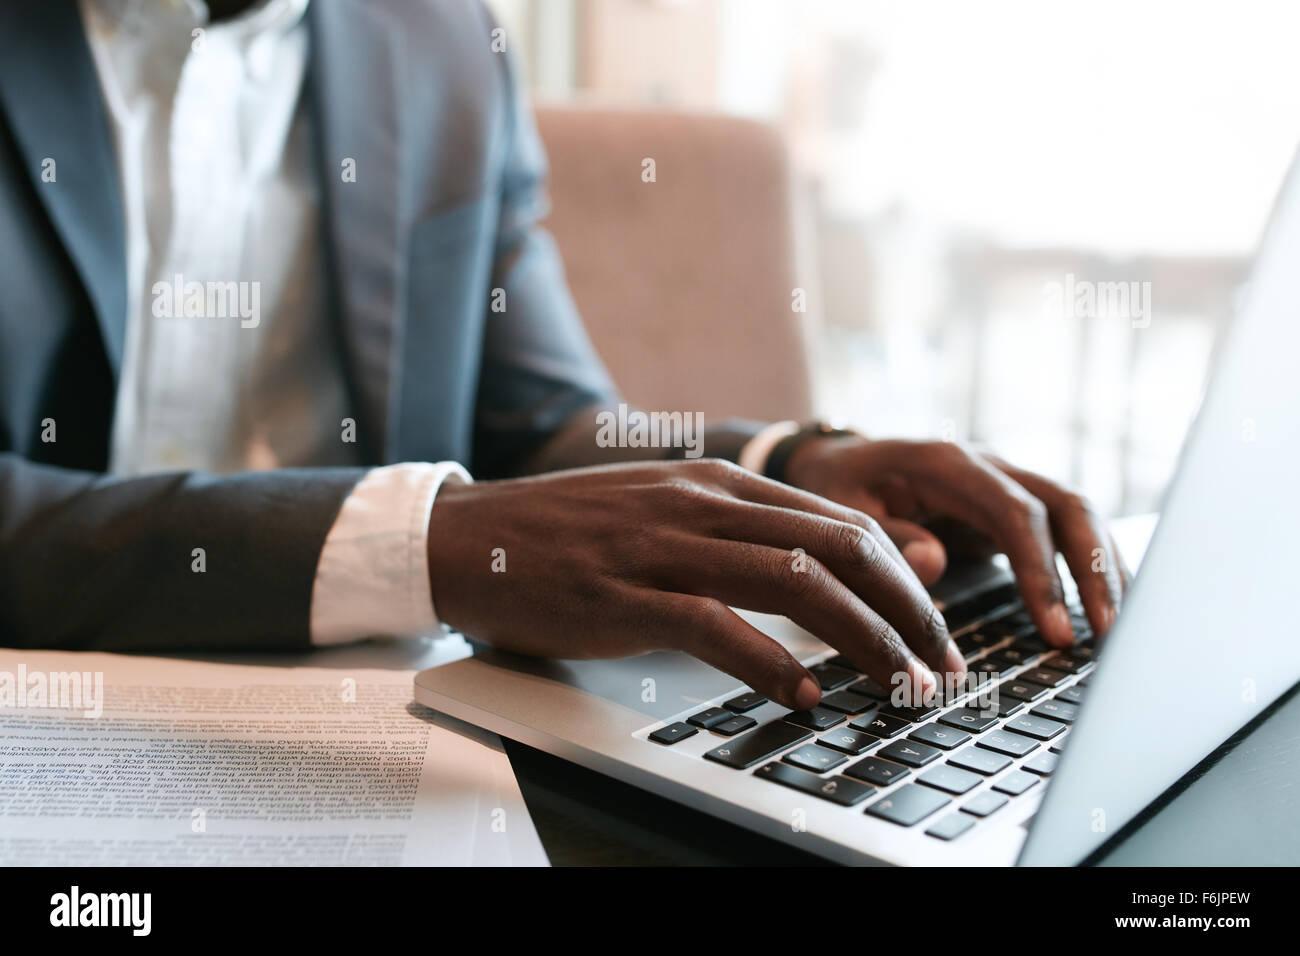 Empresario trabajando en el portátil con algunos documentos sobre la mesa. Cerrar masculinas manos escribiendo Imagen De Stock